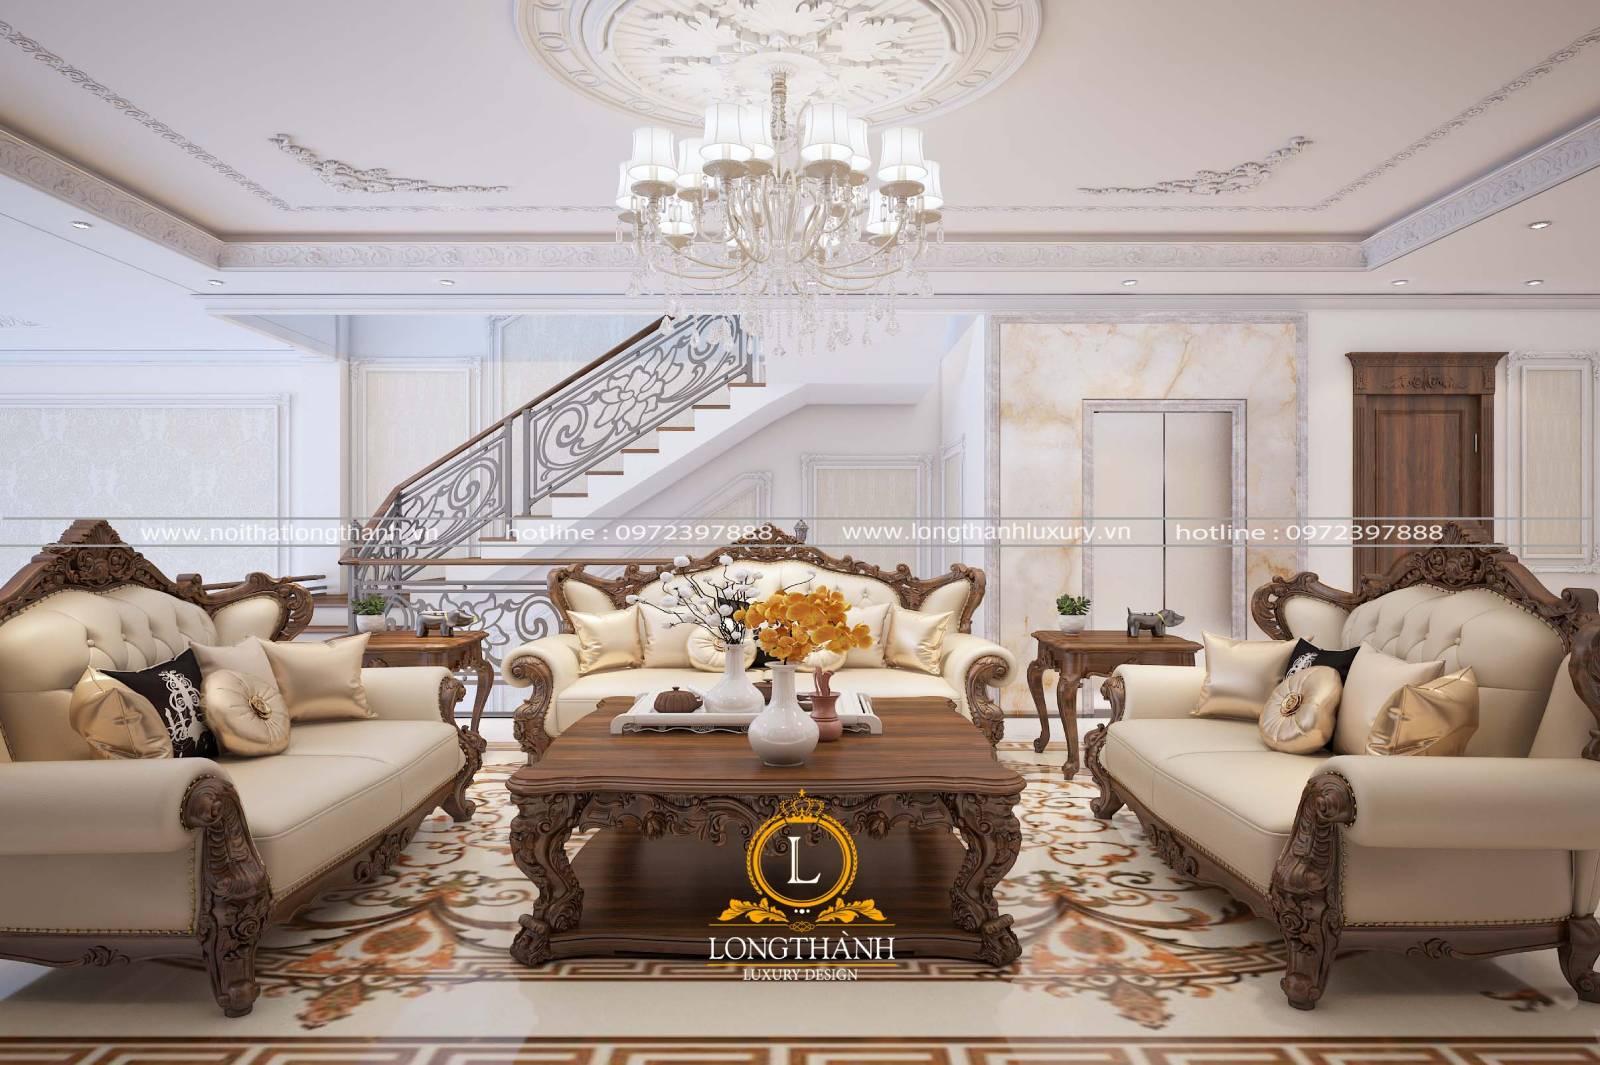 Mẫu trang trí phòng khách biệt thự với gỗ tự nhiên đẹp mê đắm